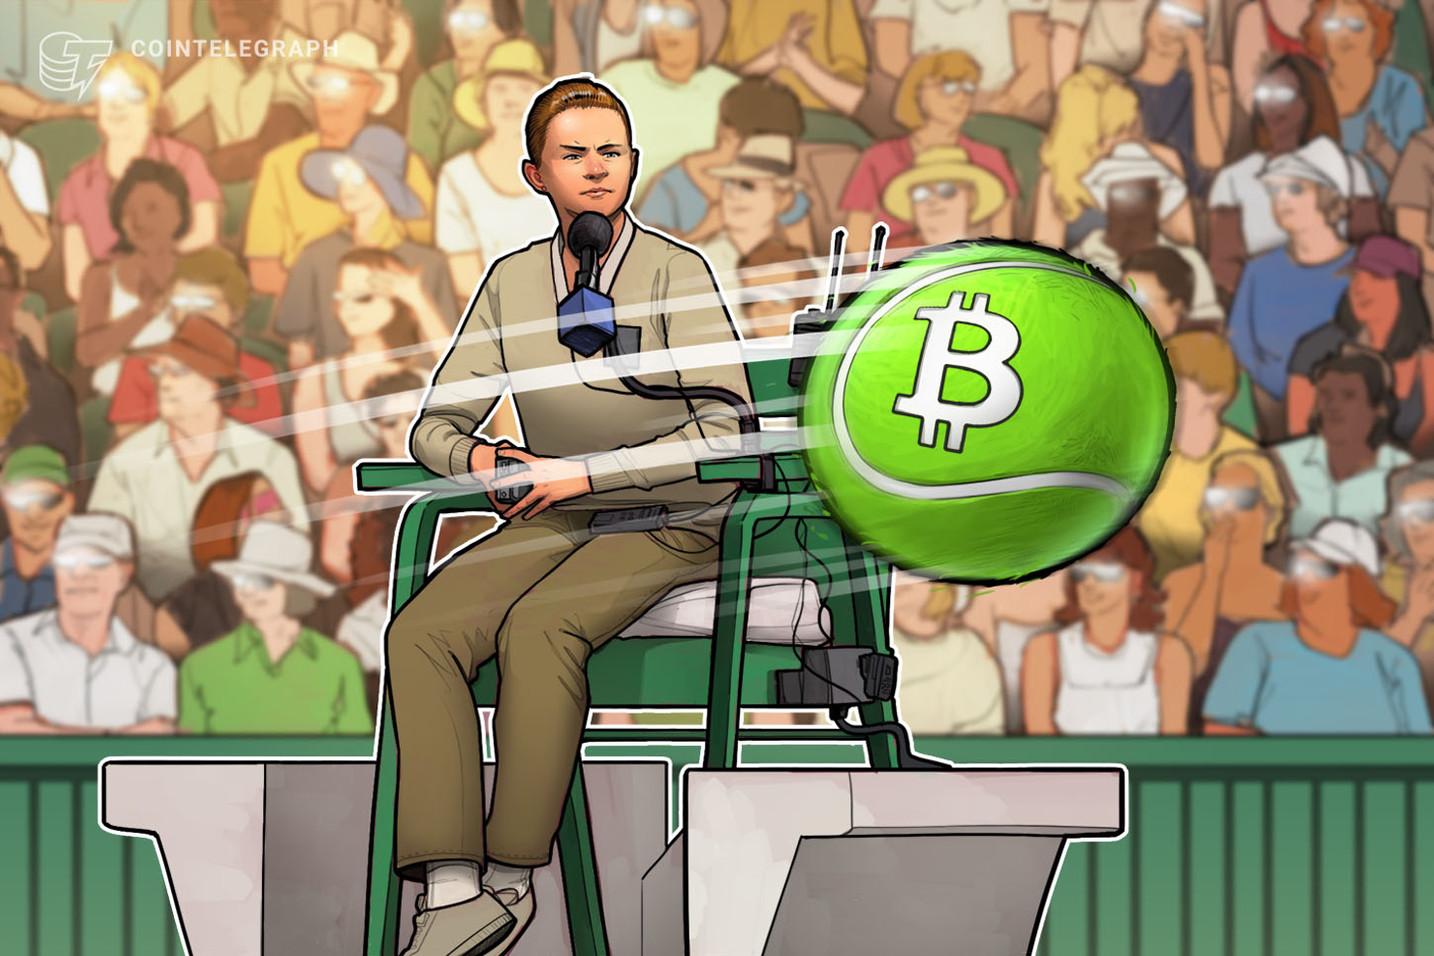 ビットコイン急騰、7500ドル回復 次のターゲットは8100ドルとの予想も【仮想通貨相場】